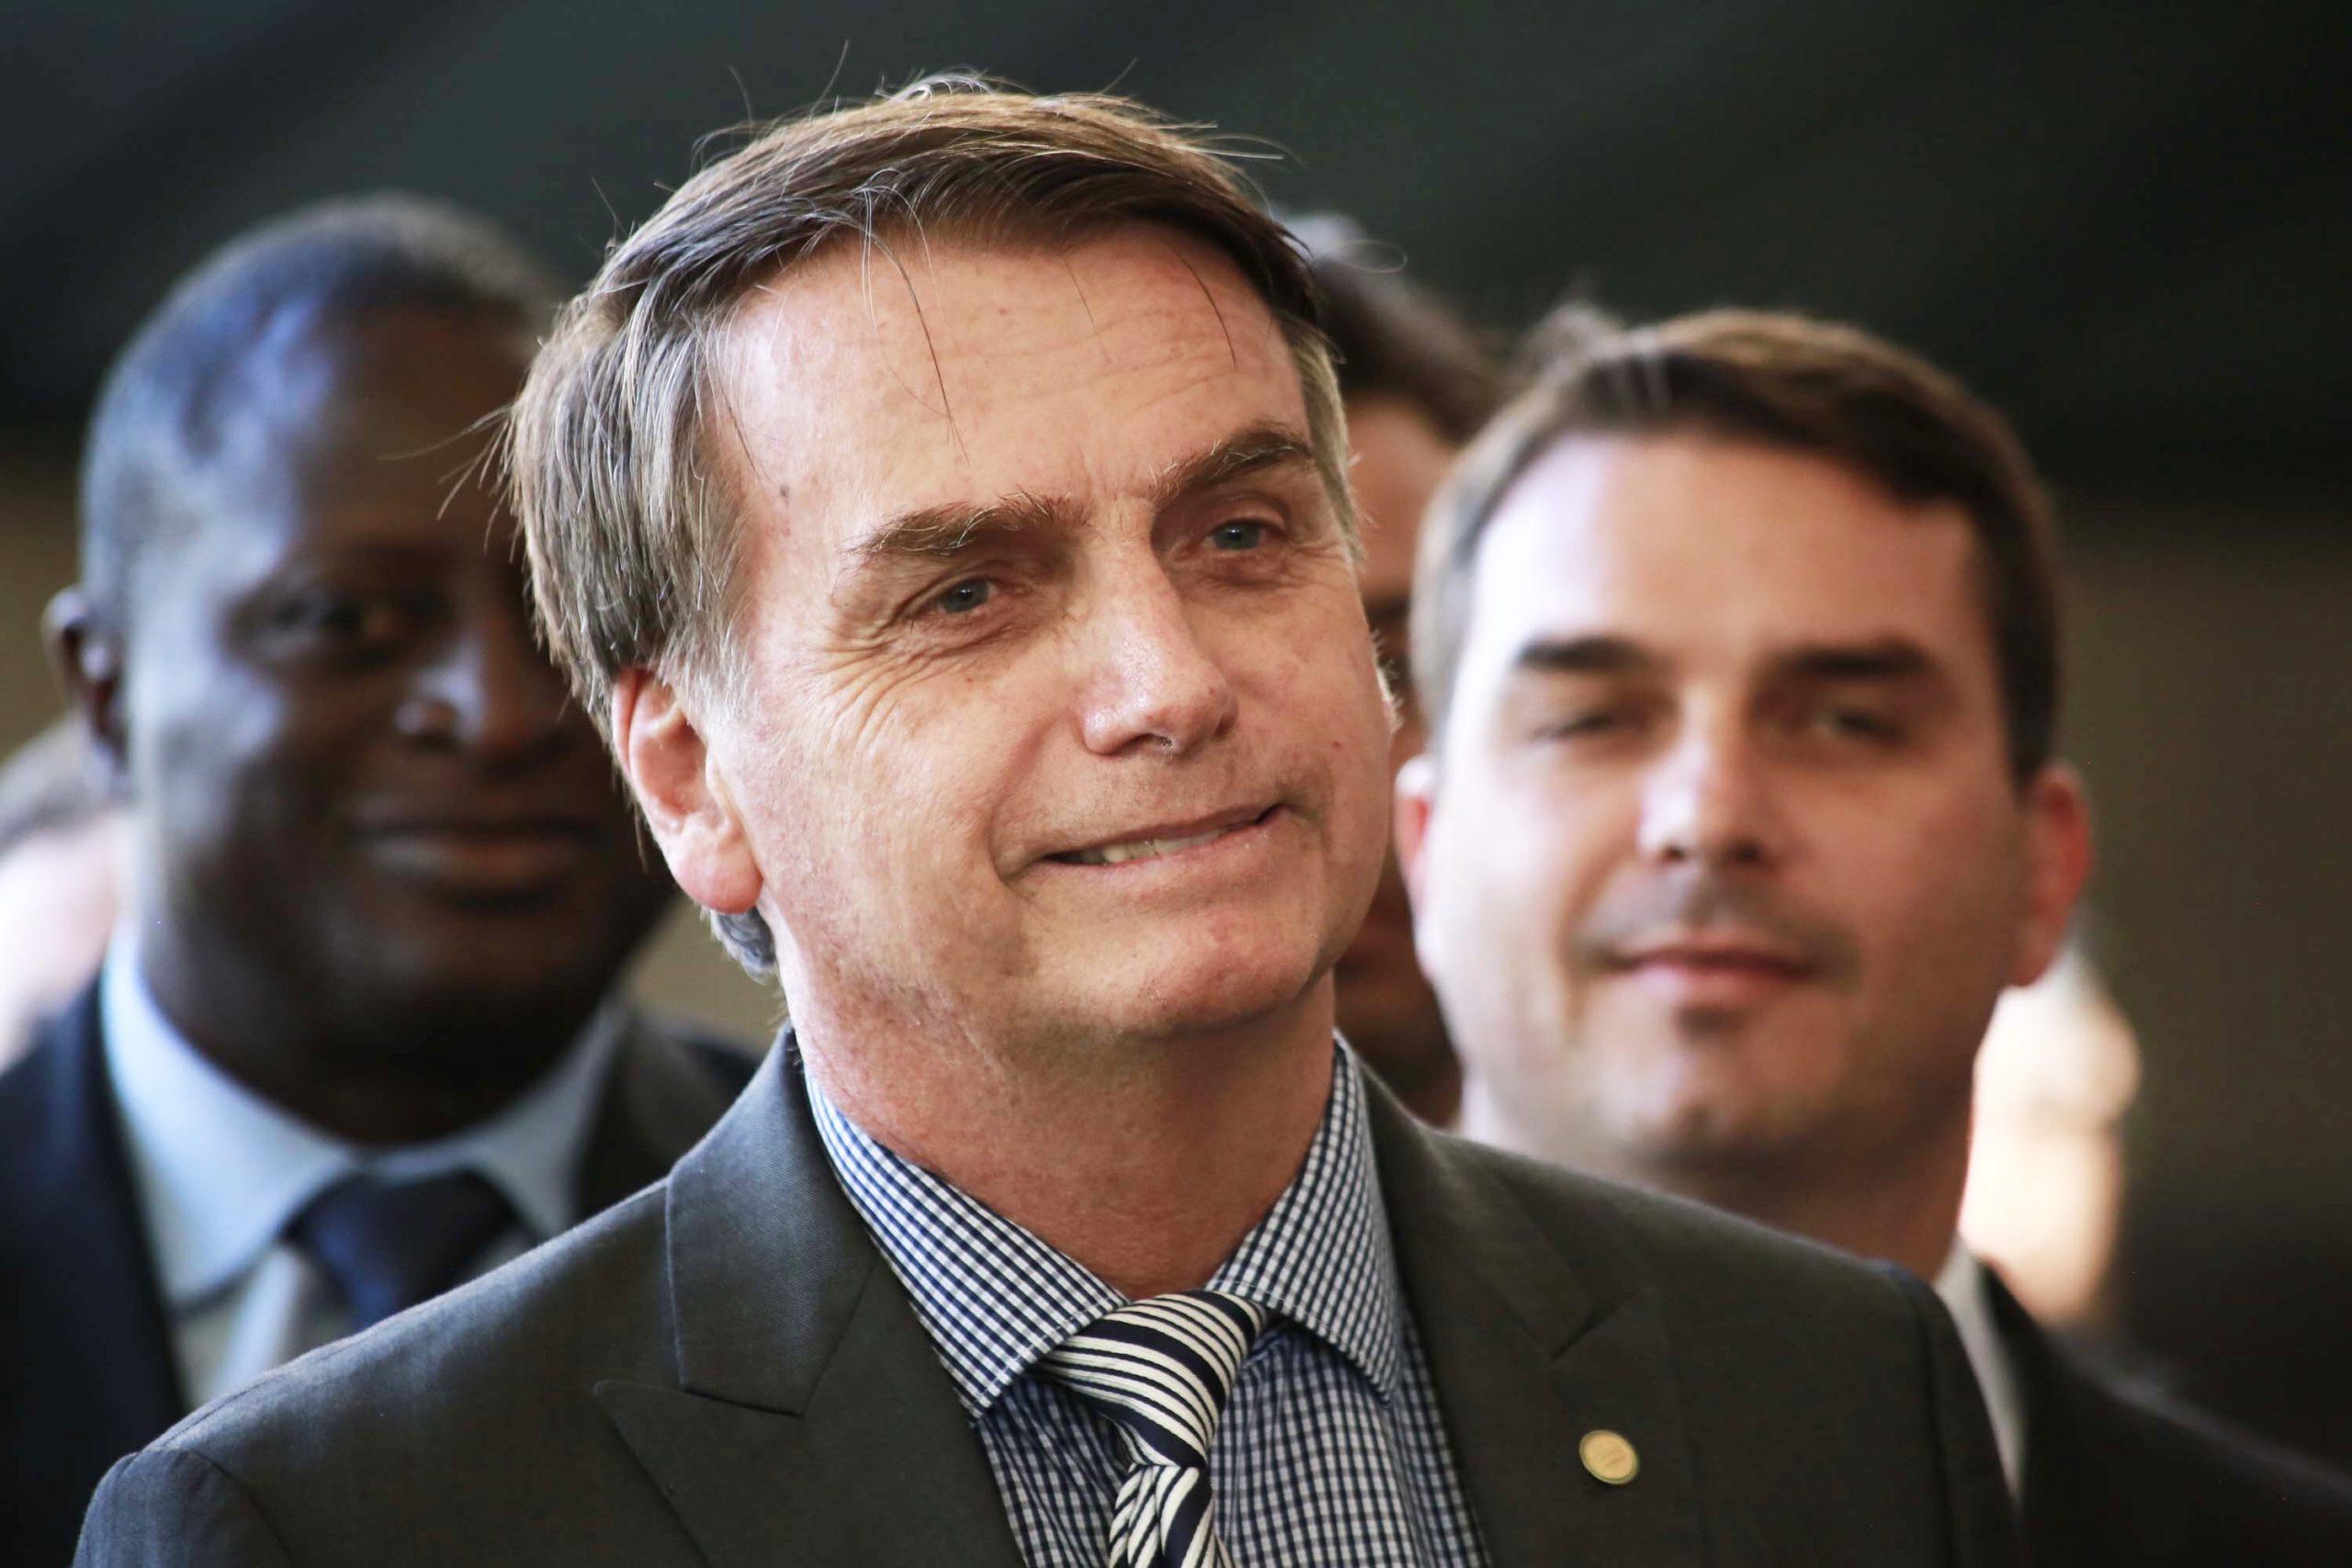 O Fino da Politica – Bolsonaro negocia apoio de partidos da velha política